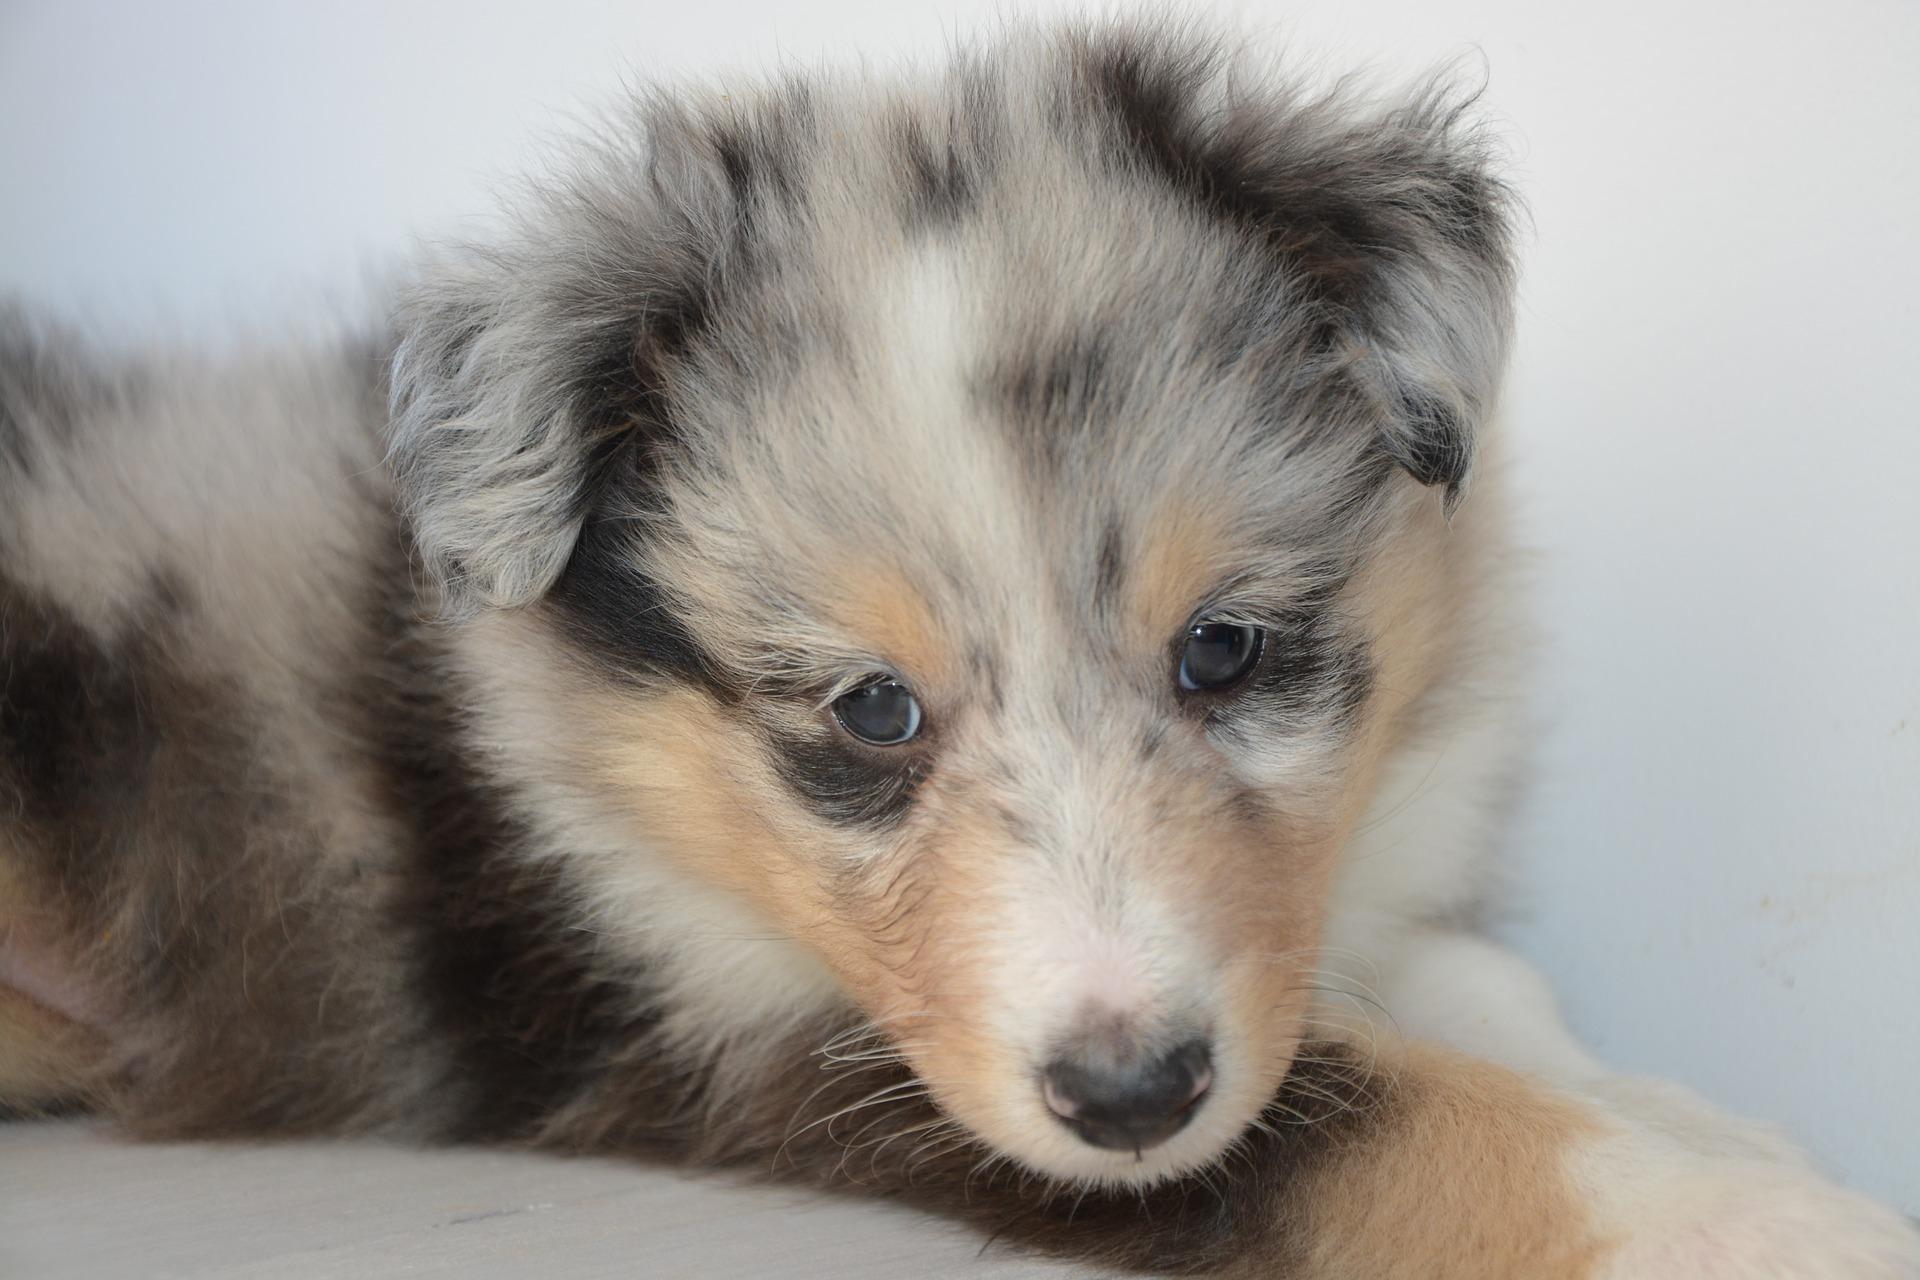 download wallpaper: Australian Shepherd puppie wallpaper